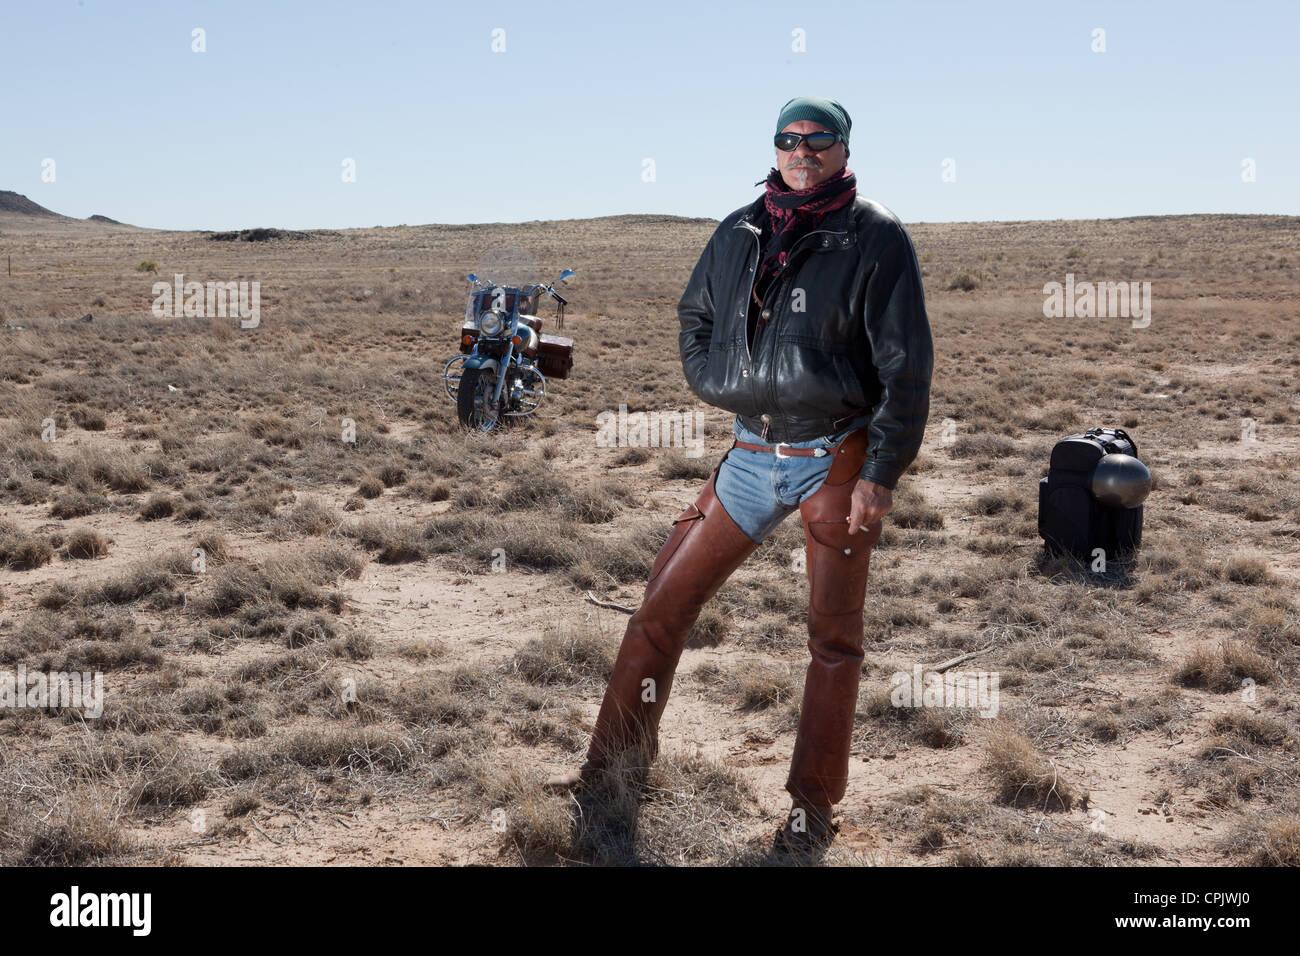 1d1332f81cb0d0 Homme plus âgé, portant des lunettes et une veste en cuir chaps debout au  milieu du désert avec sa moto et pack.